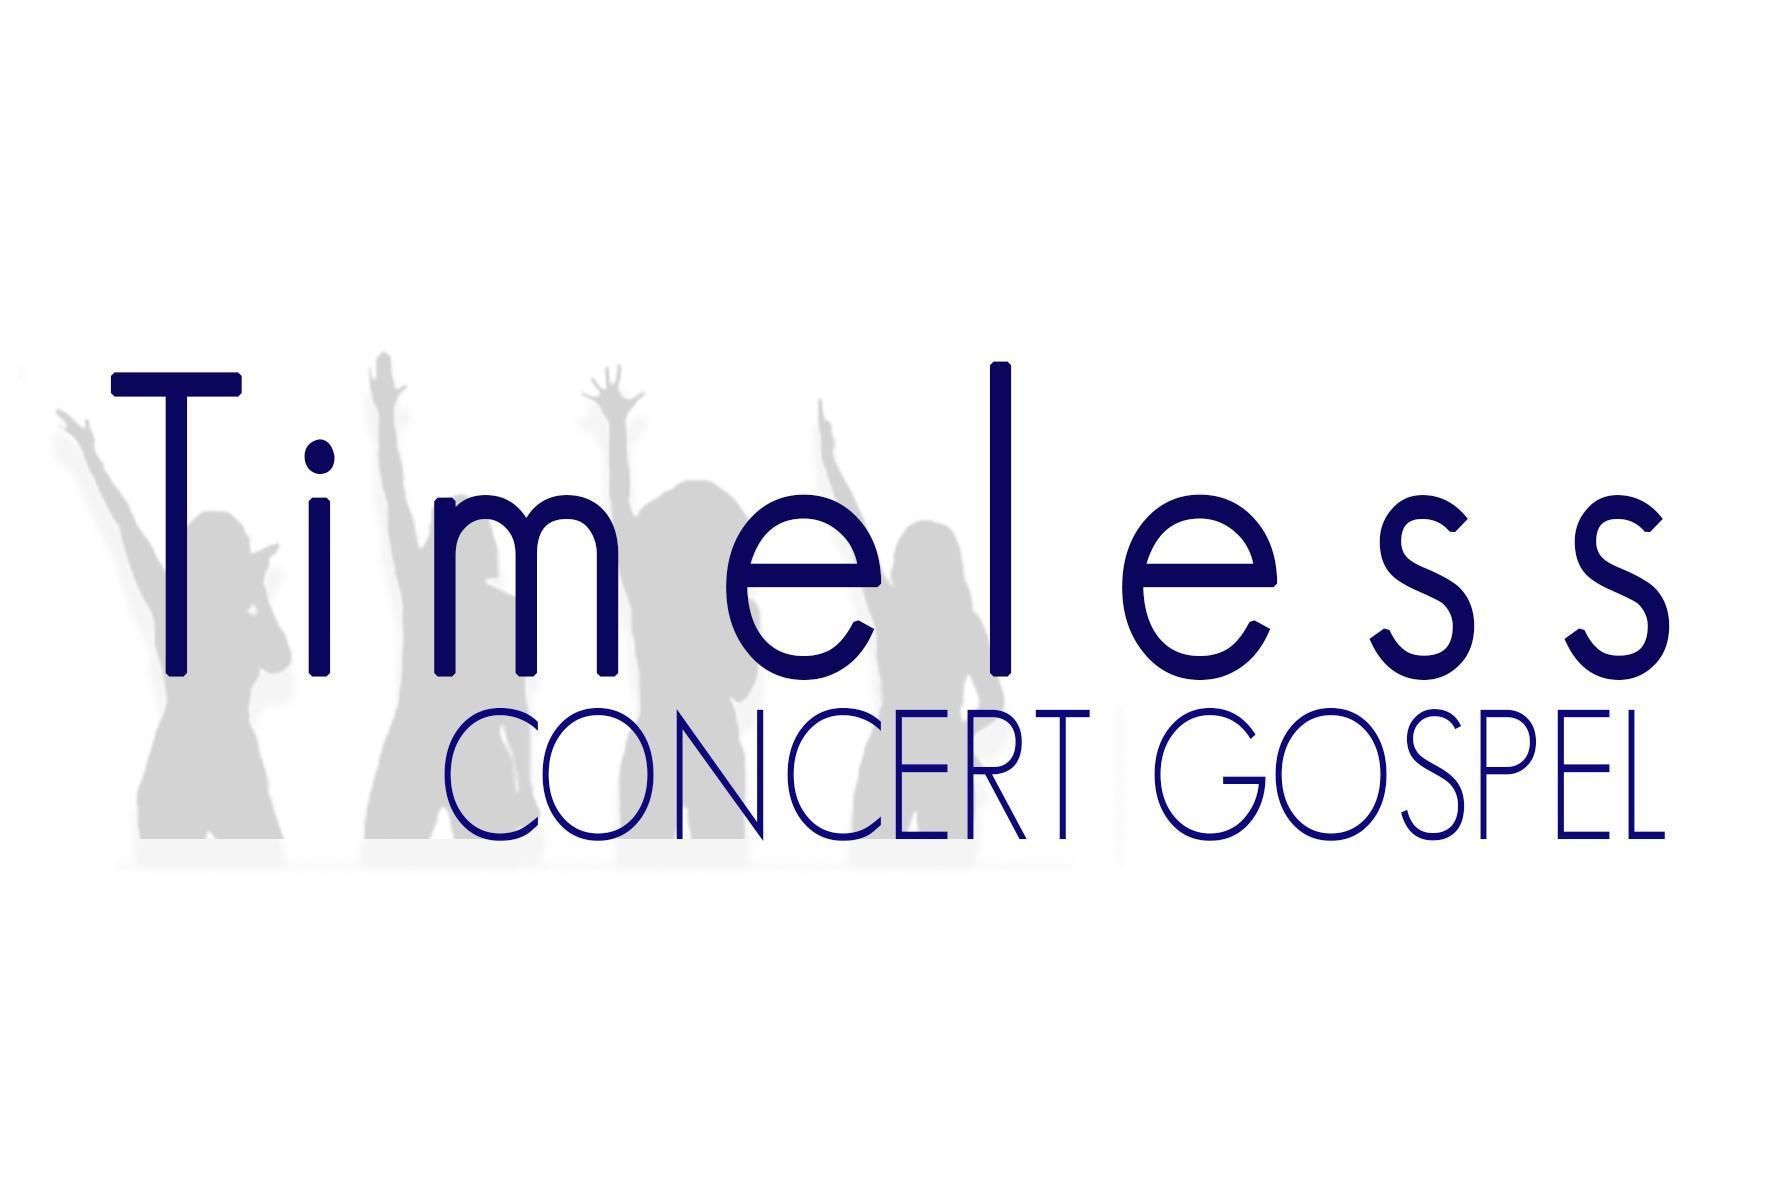 Logo timeless concert gospel2